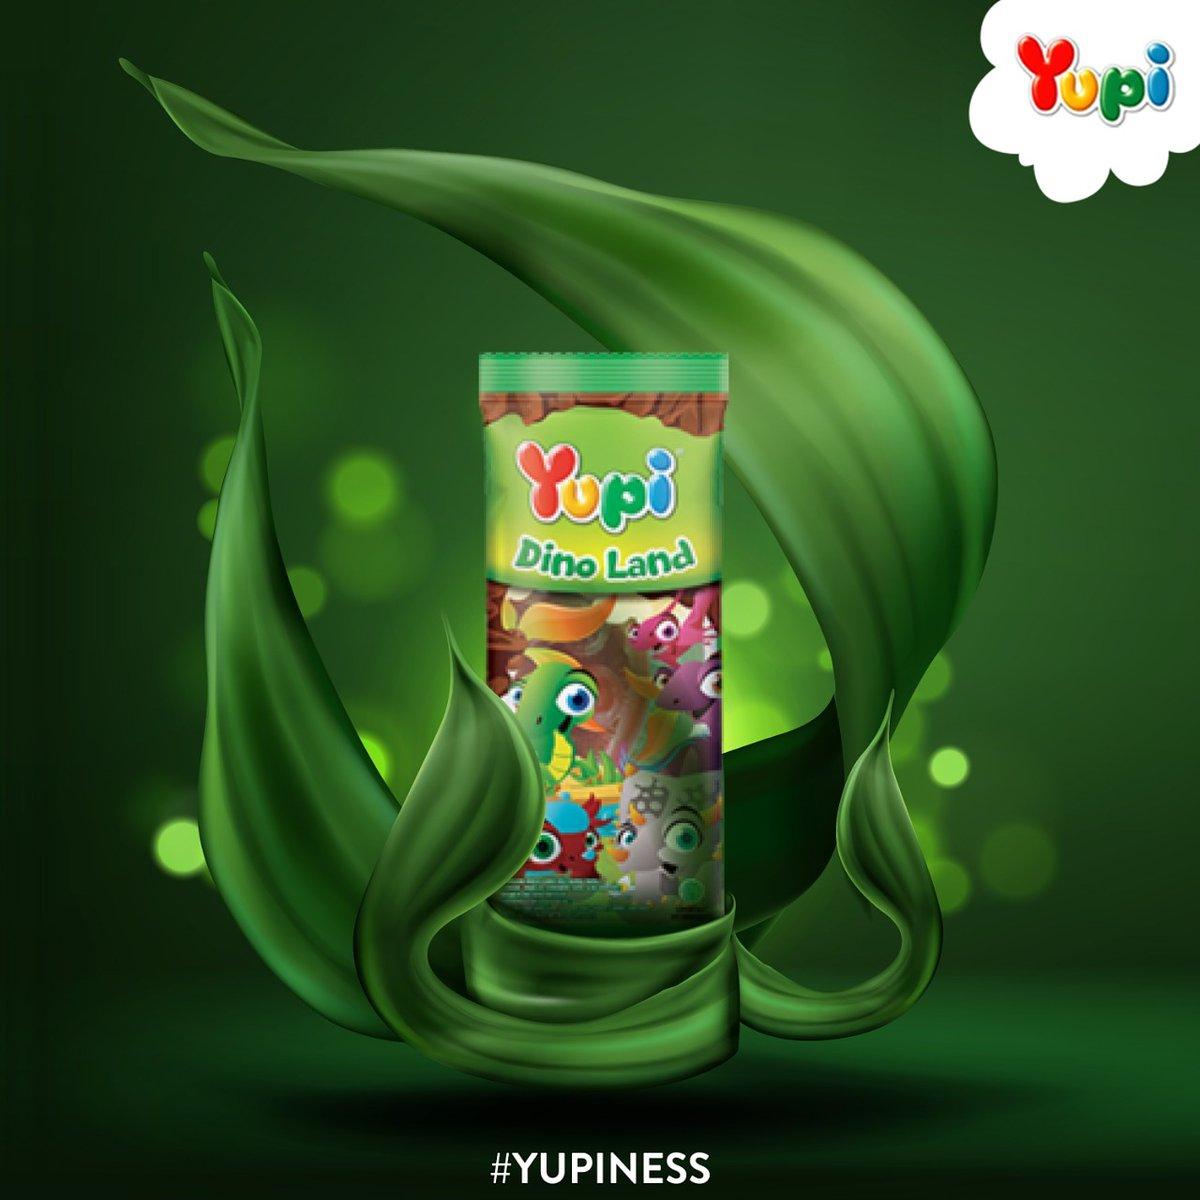 Kejutan berbagai bentuk dinosaurus yang kenyal, lucu dan manis didalam setiap kemasannya..☝️☝️☝️☝️☝️☝️☝️☝️☝️☝️☝️☝️☝️☝️☝️.#yupi #yupiers #yupiness #yupiland #yupigummycandy #sweet #sour #yupidinoland #1stgummycandiesindonesia #likes #loves #follows